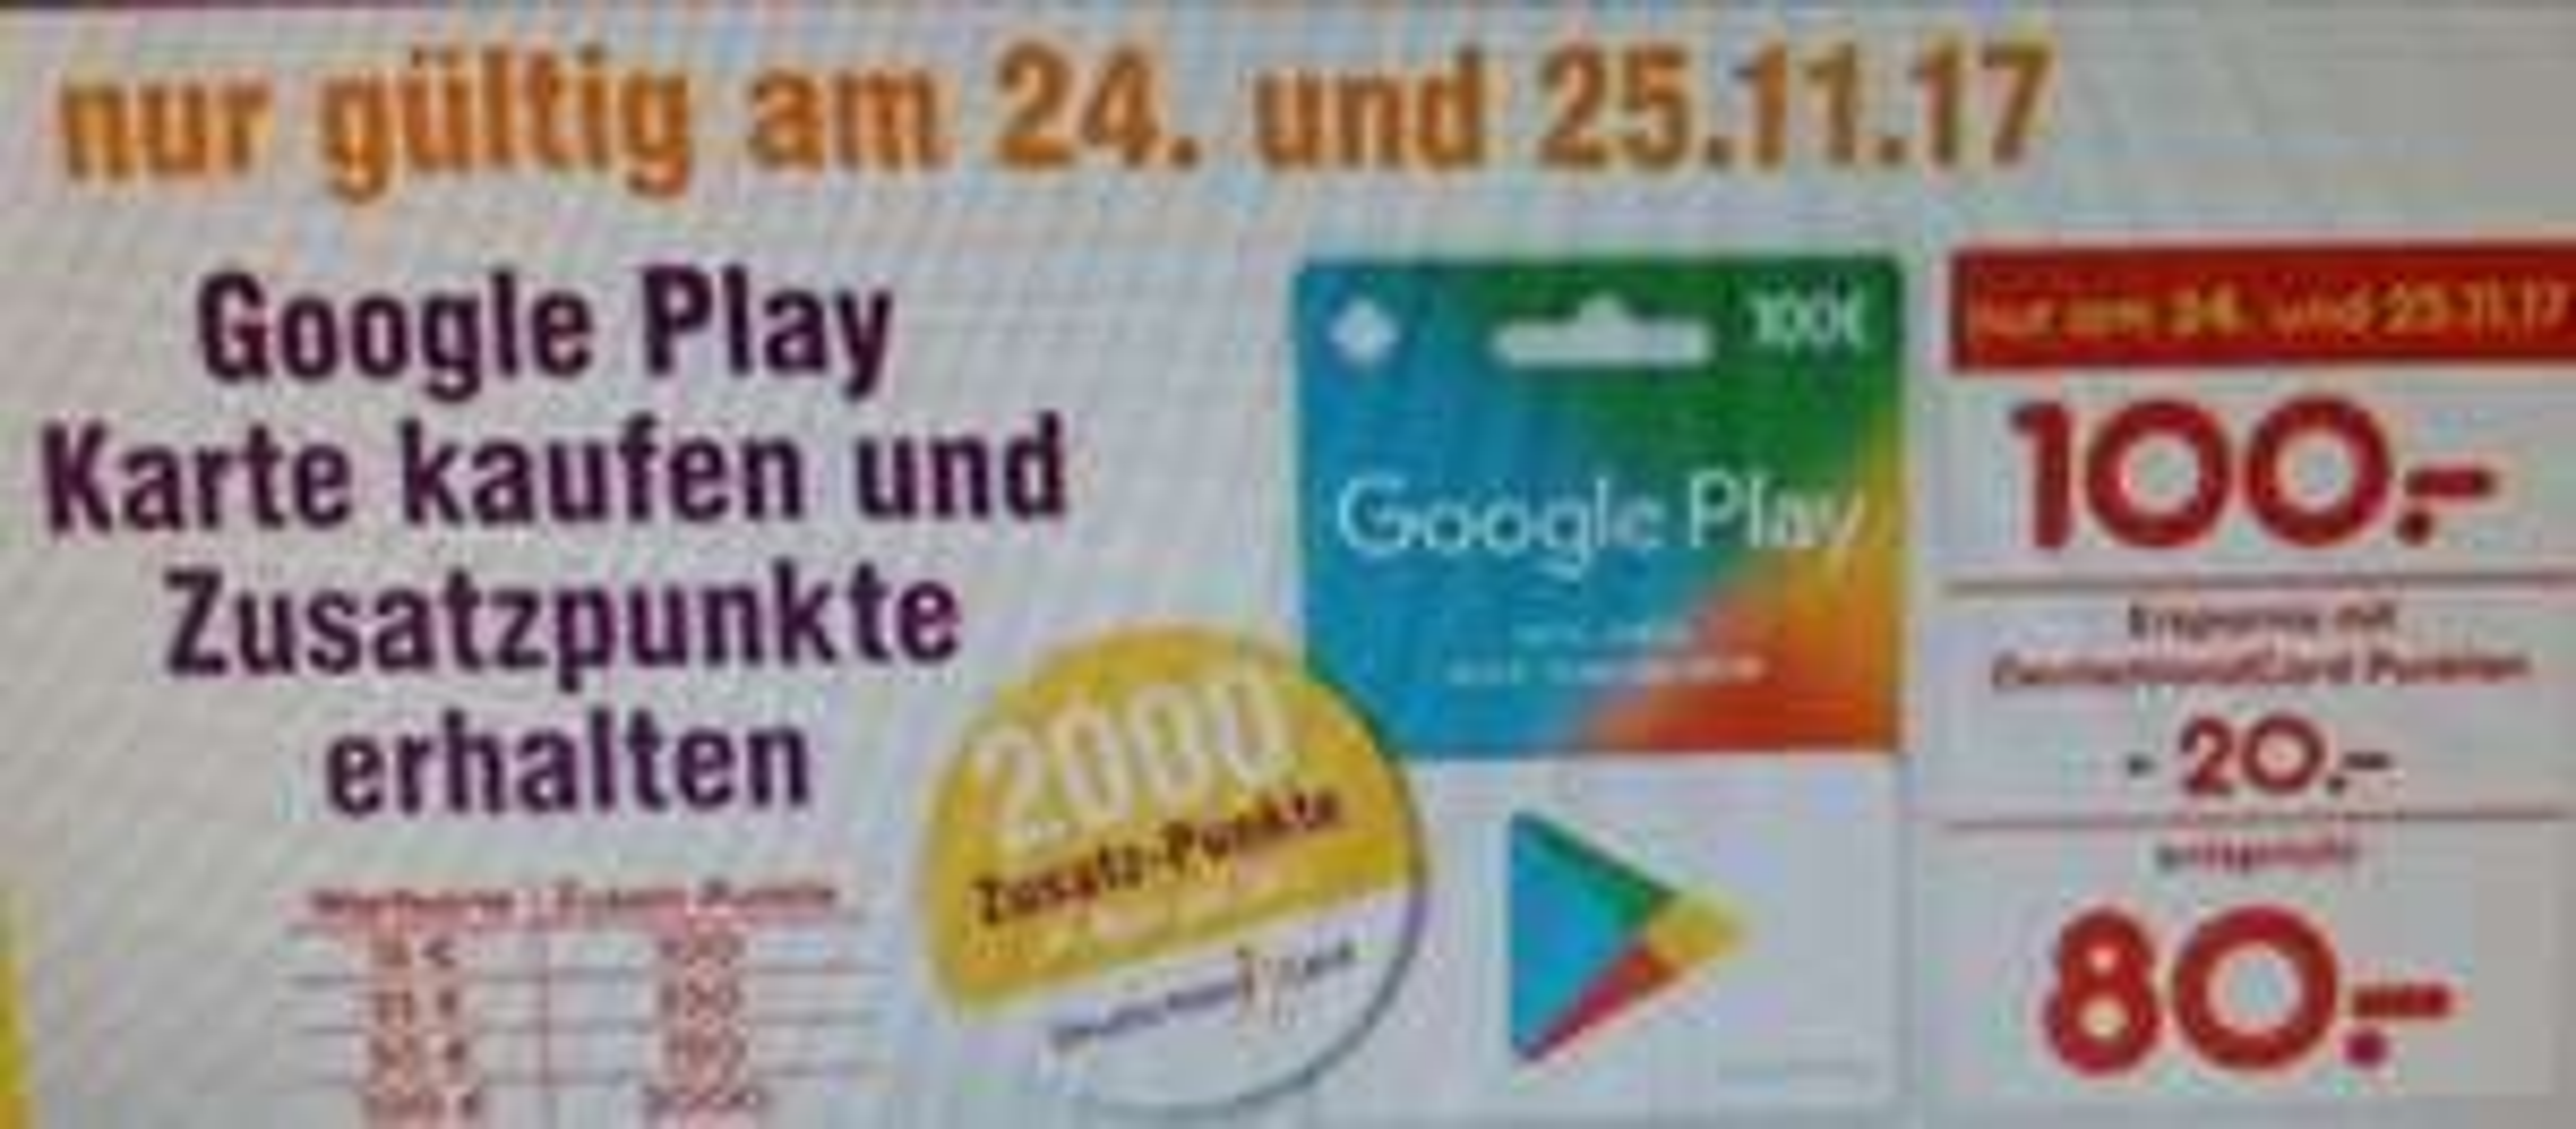 (Netto MD/DC) Nur 24./25.11.2017 gültig: Google Play Karte 100 Euro kaufen und 20 Euro in DC Punkte erhalten  ( sammeln oder in Euro überweisen lassen!).